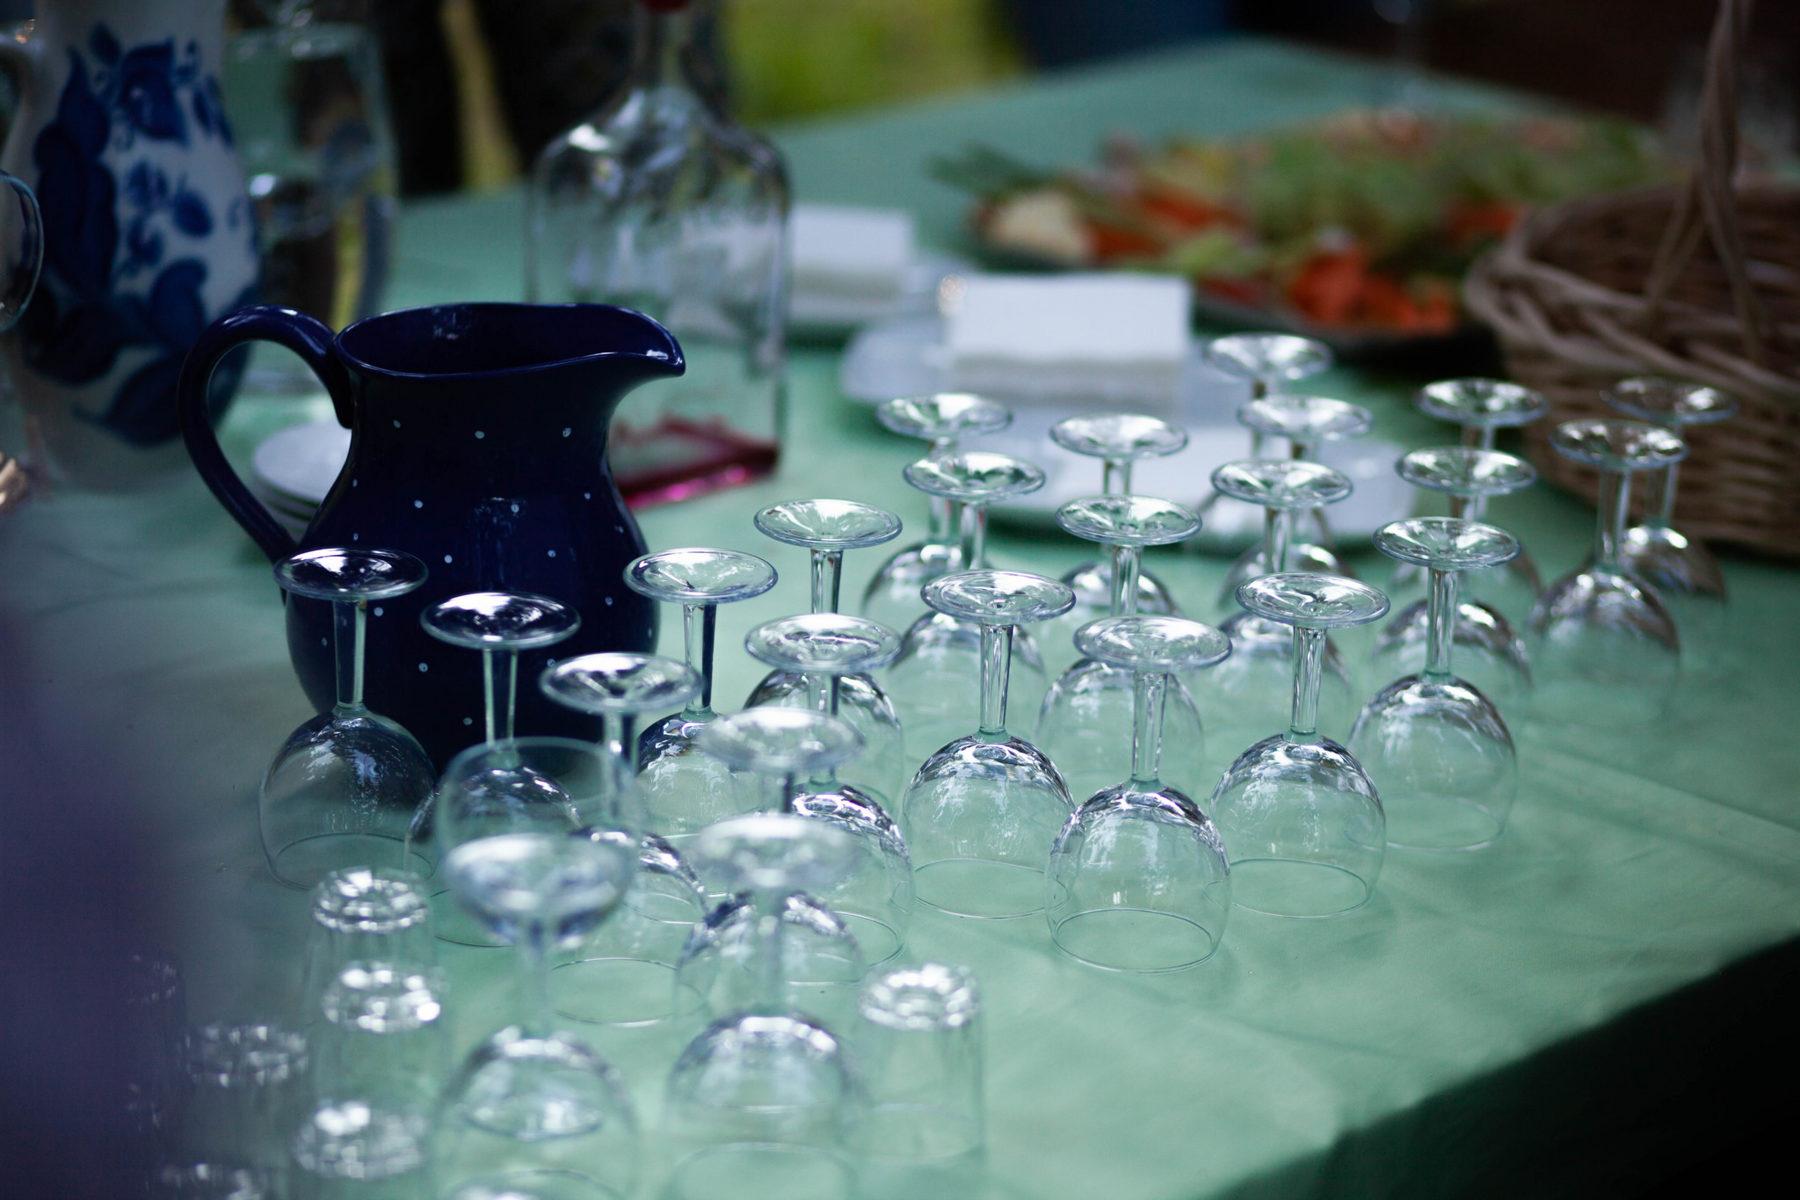 Программа «Ужин в английском стиле в Доме-музее К. И. Чуковского» – события на сайте «Московские Сезоны»